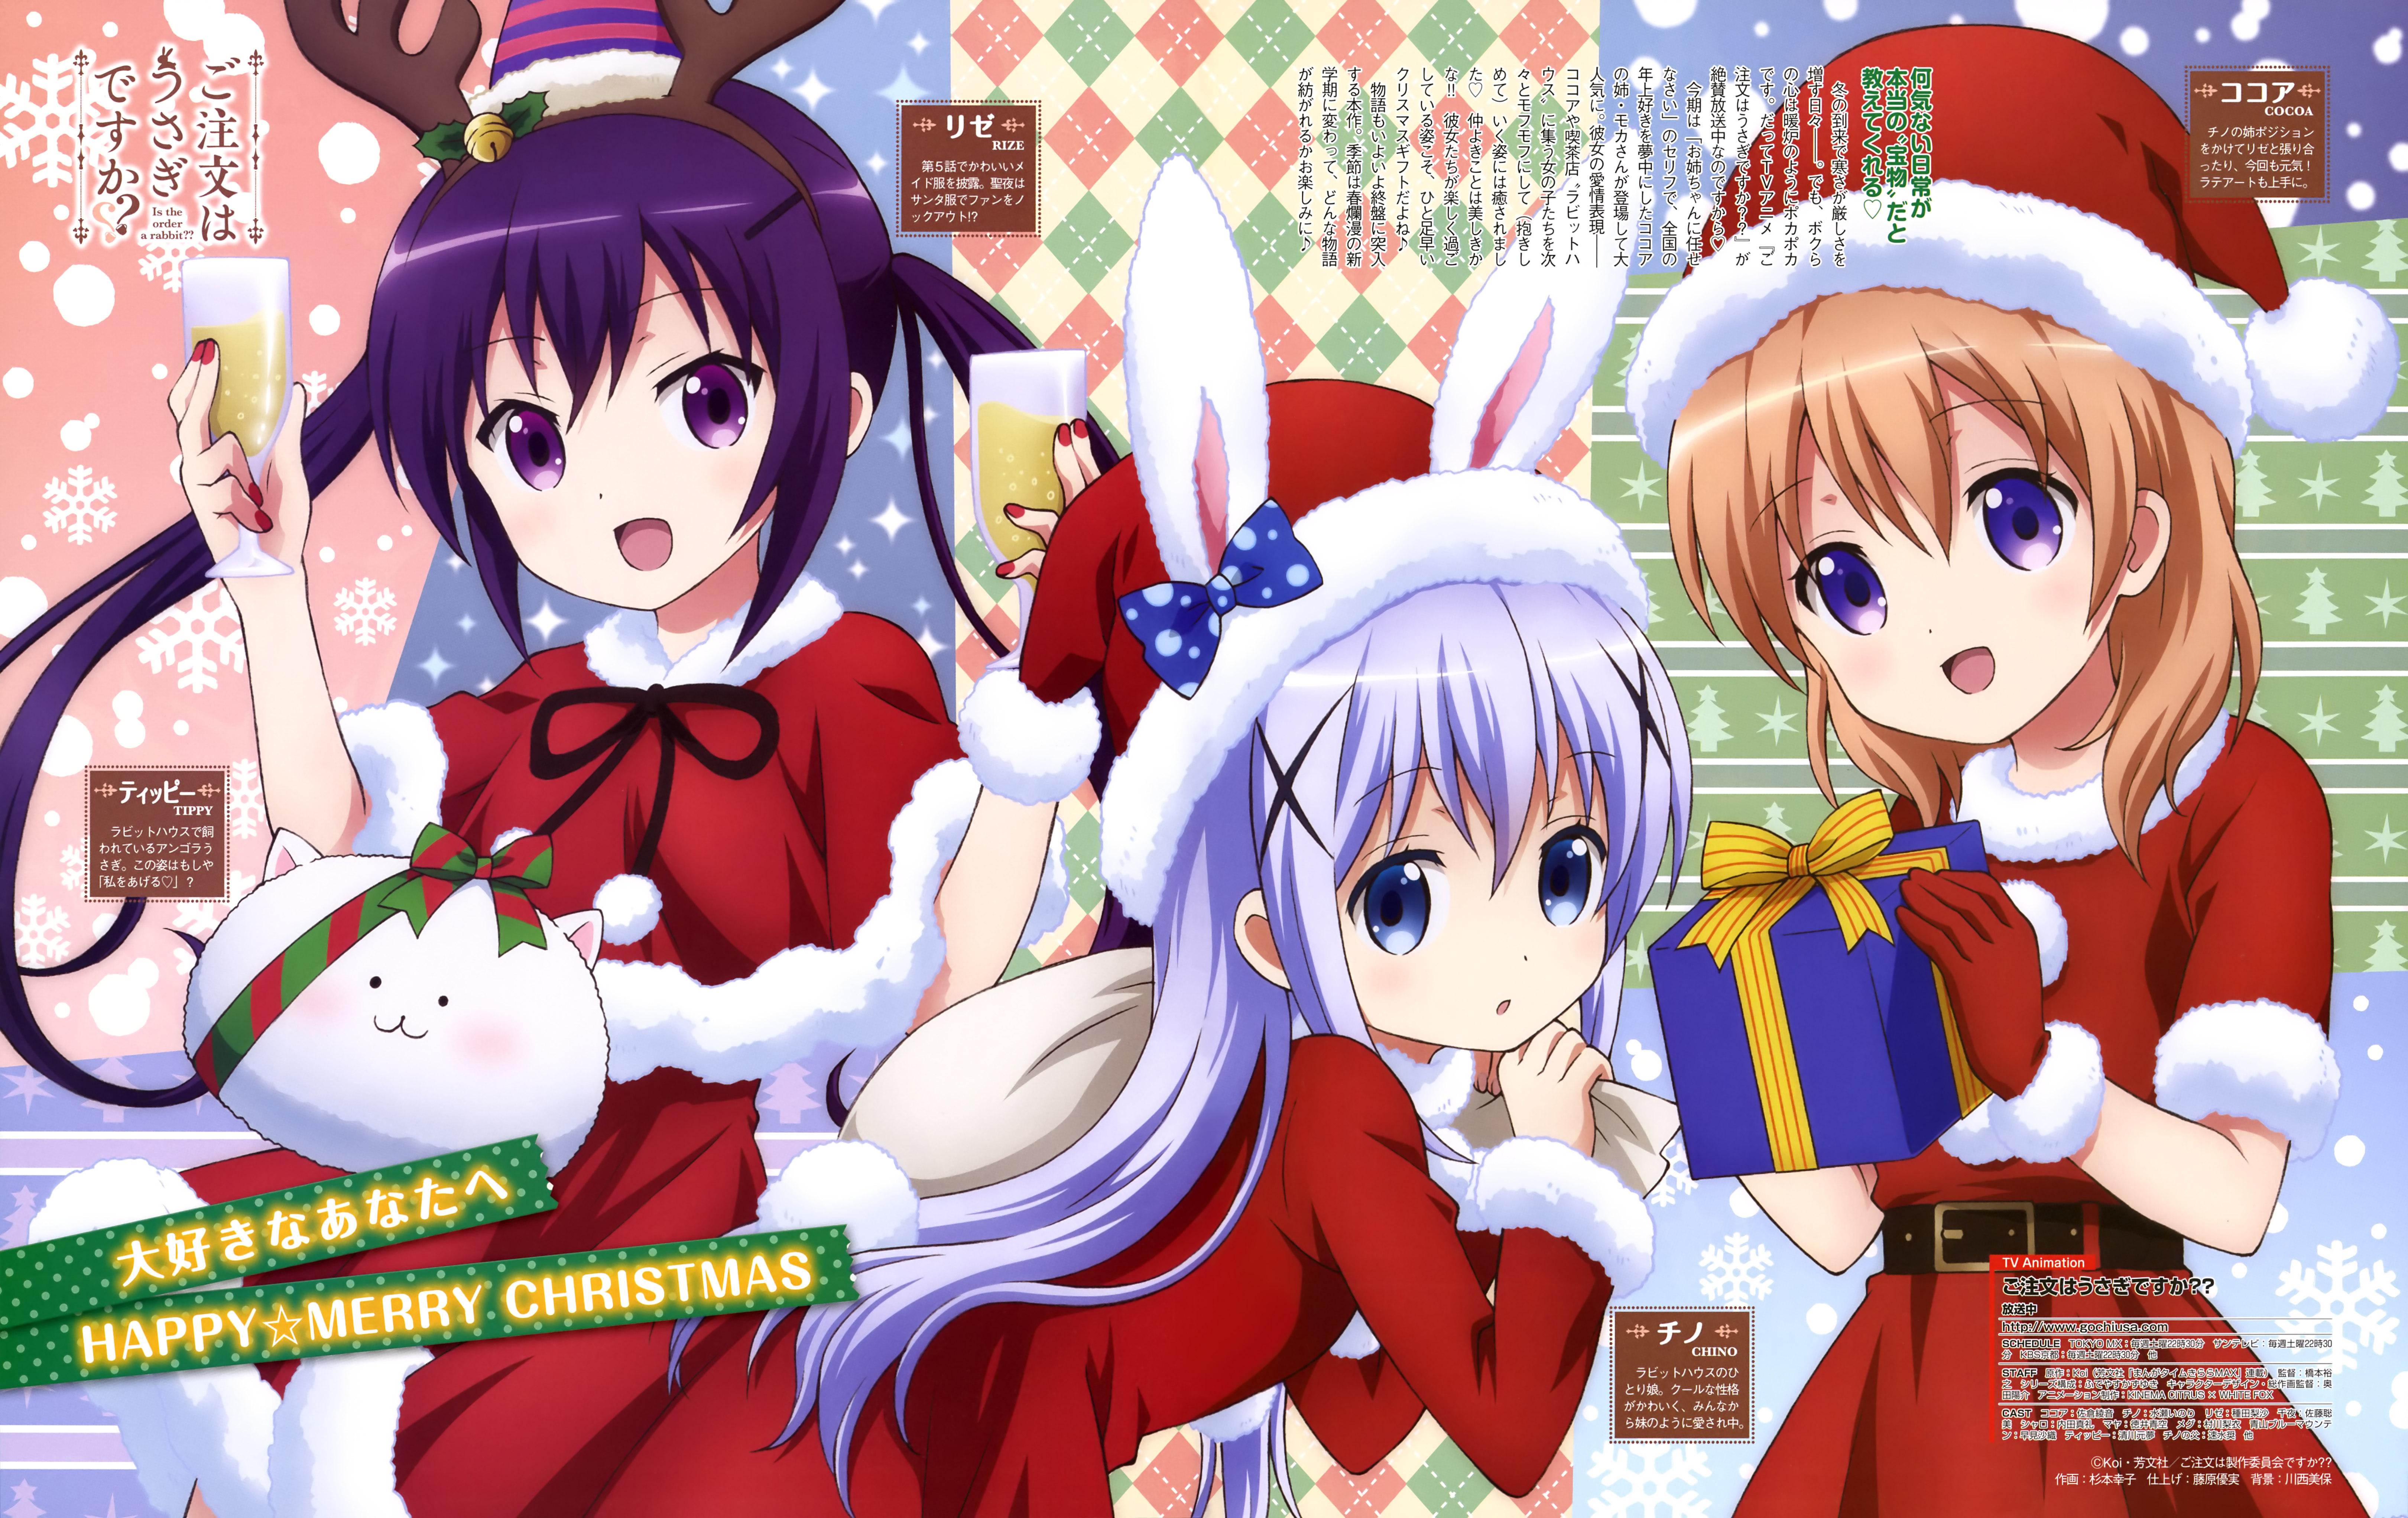 GochiUsa Christmas Party Visual